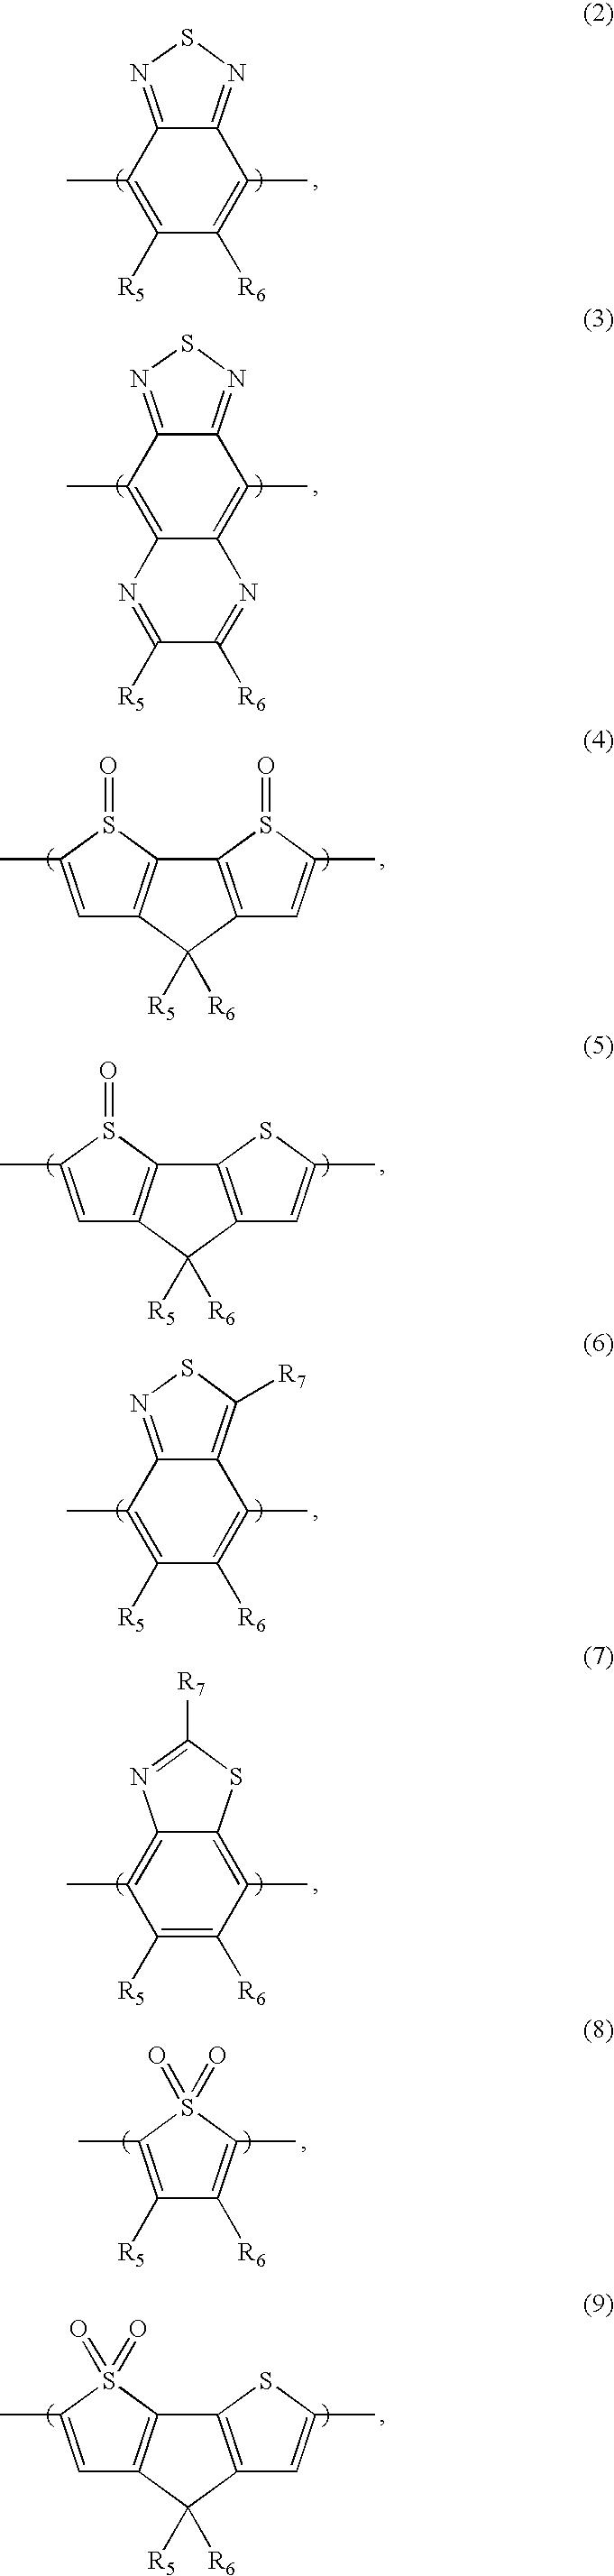 Figure US20080236657A1-20081002-C00002